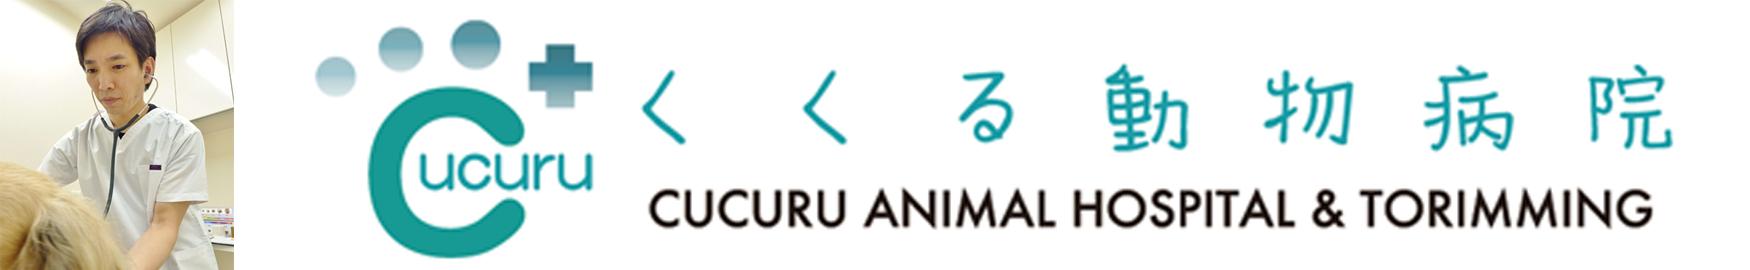 2017.12.0206_大塚央之先生開業|国際中獣医学院日本校